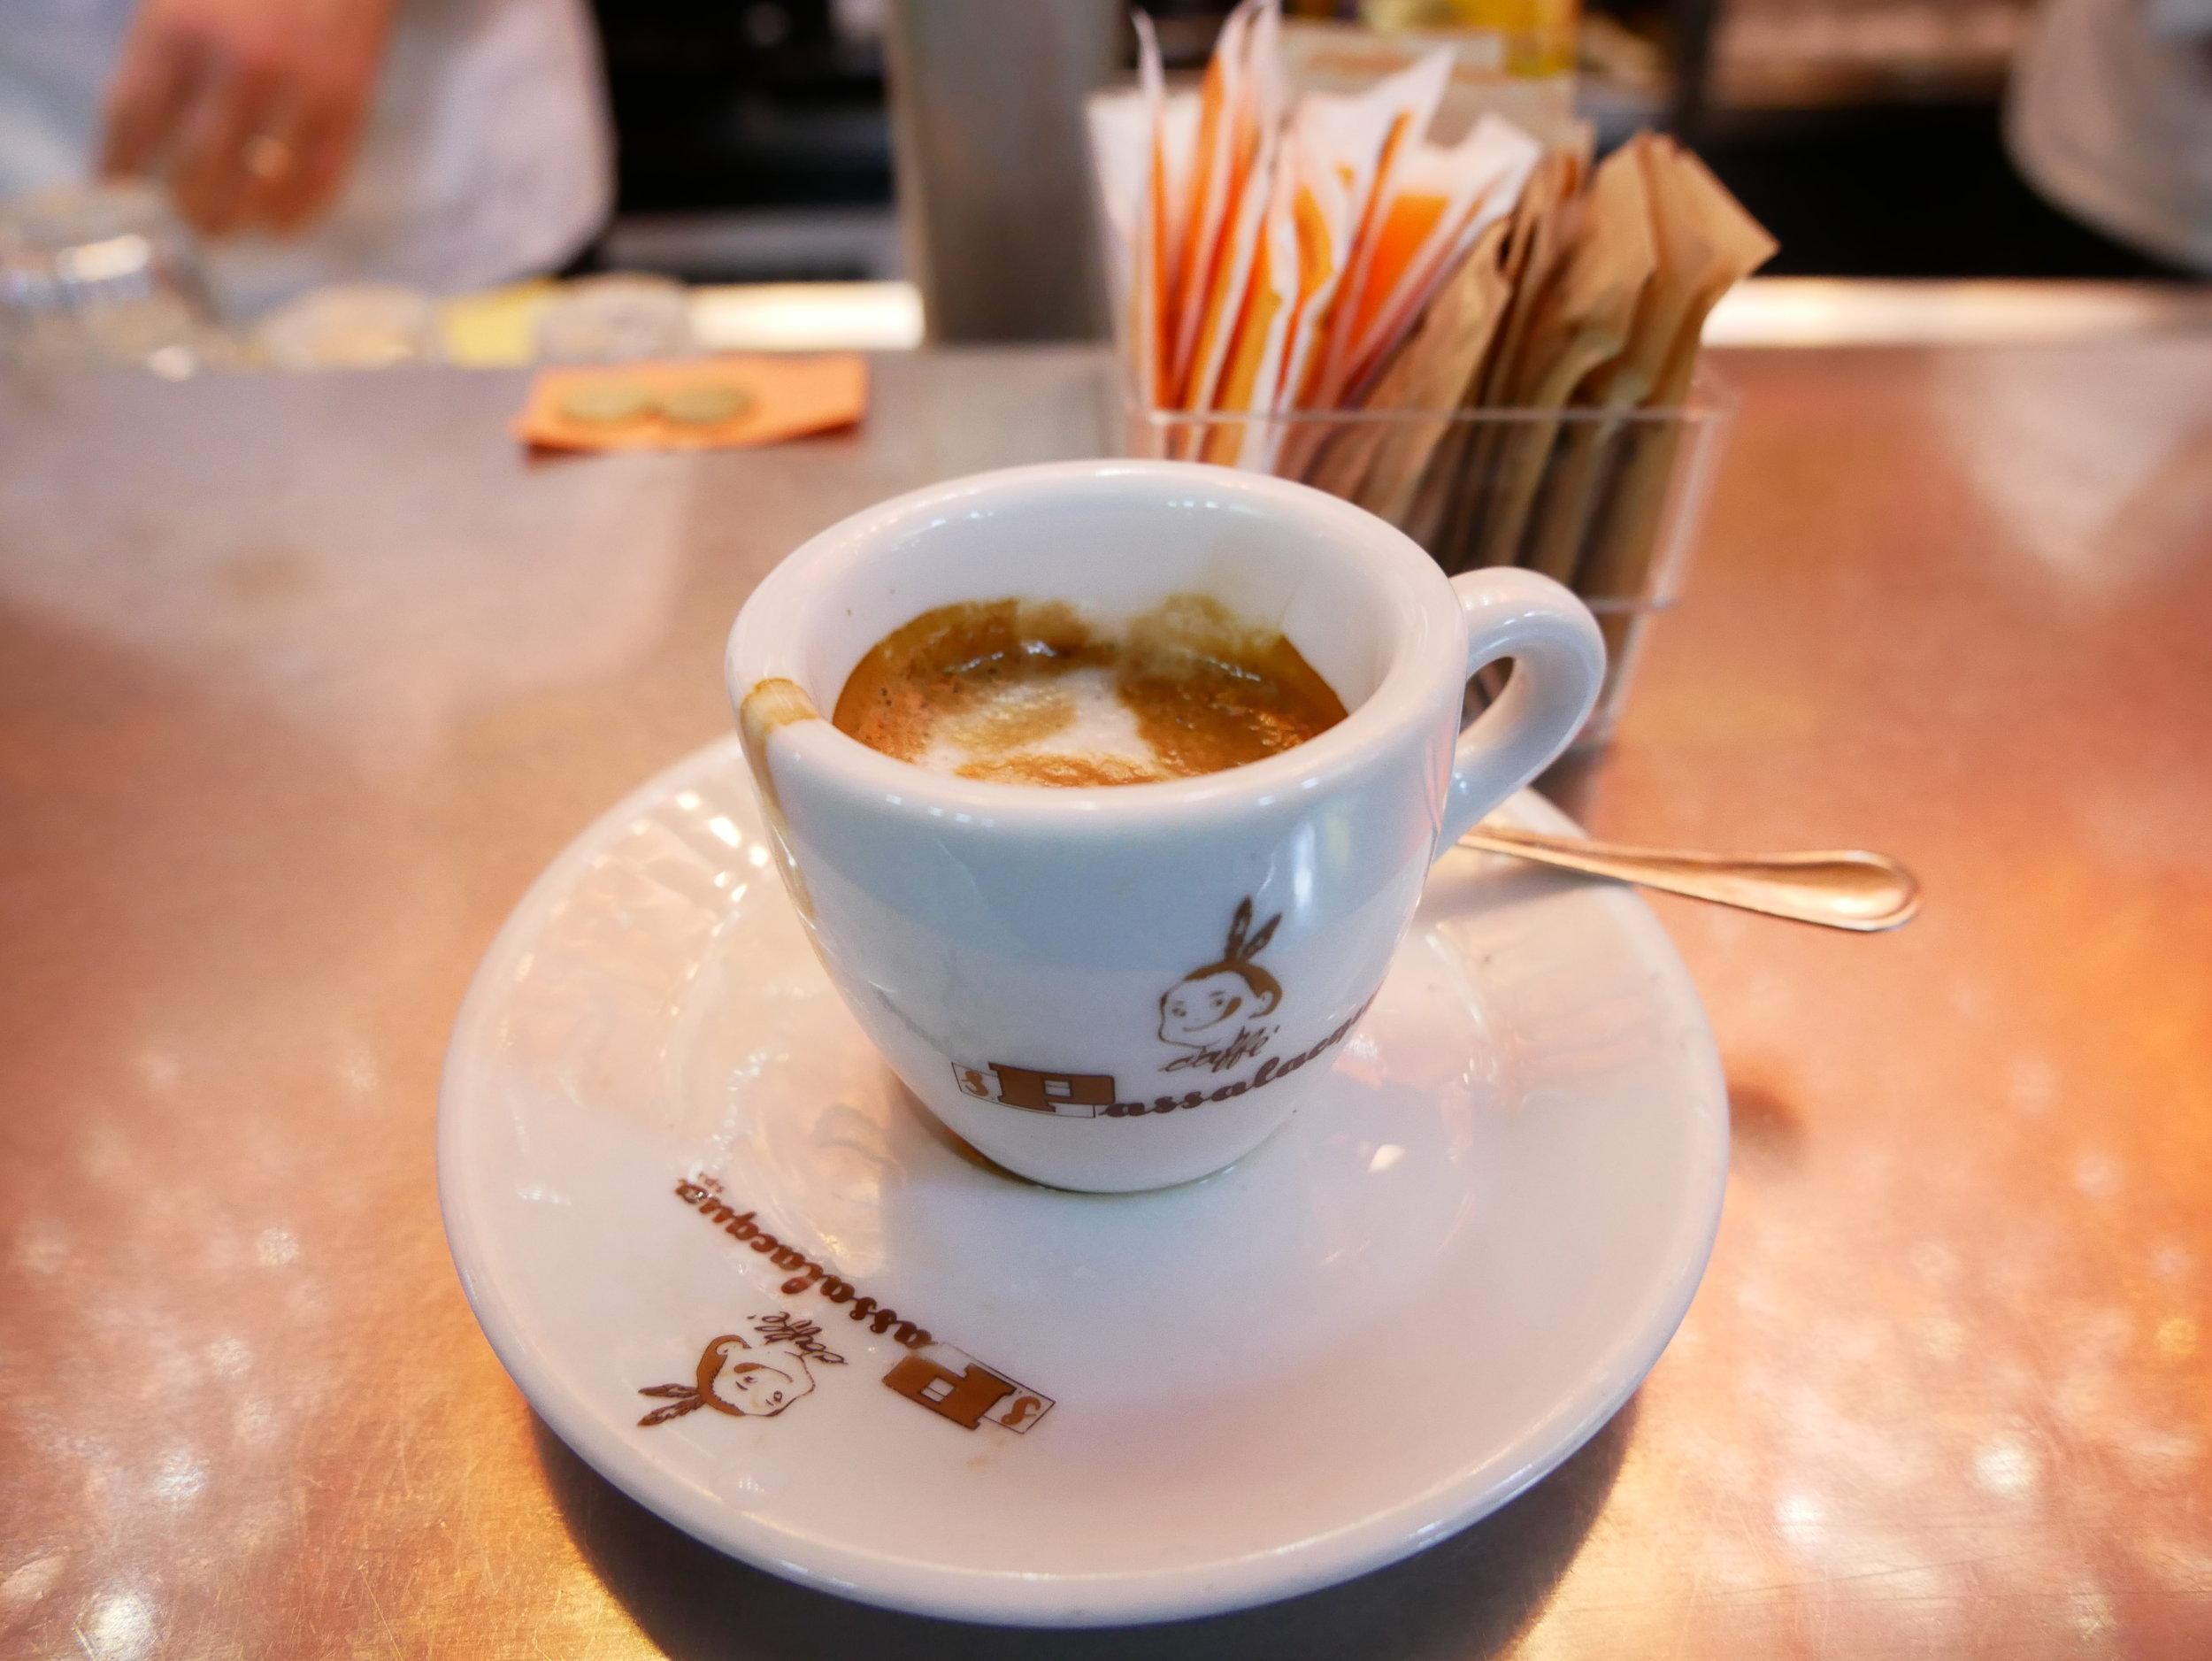 Caffe Mexico Naples Macchiatto.jpg